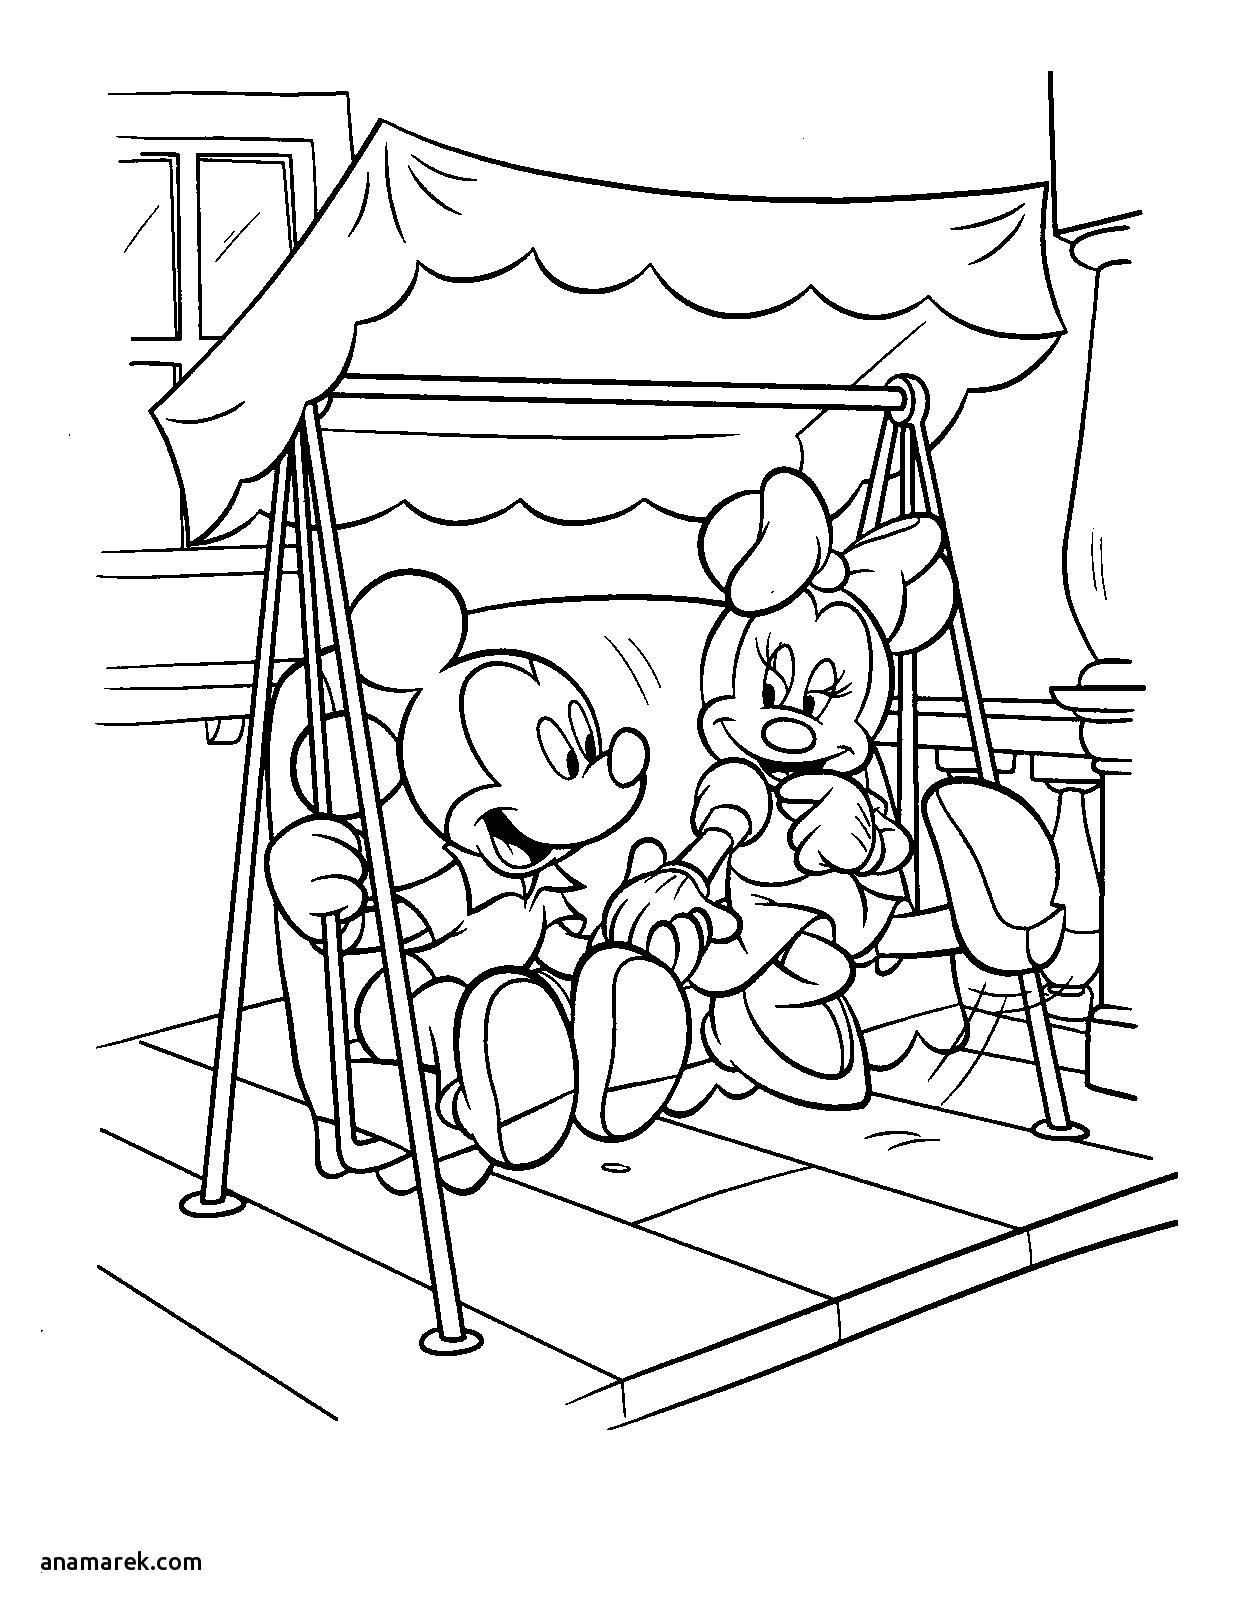 Micky Maus Baby Ausmalbilder Einzigartig Micky Maus Baby Ausmalbilder Frisch Minnie Mouse Malvorlagen Schön Das Bild